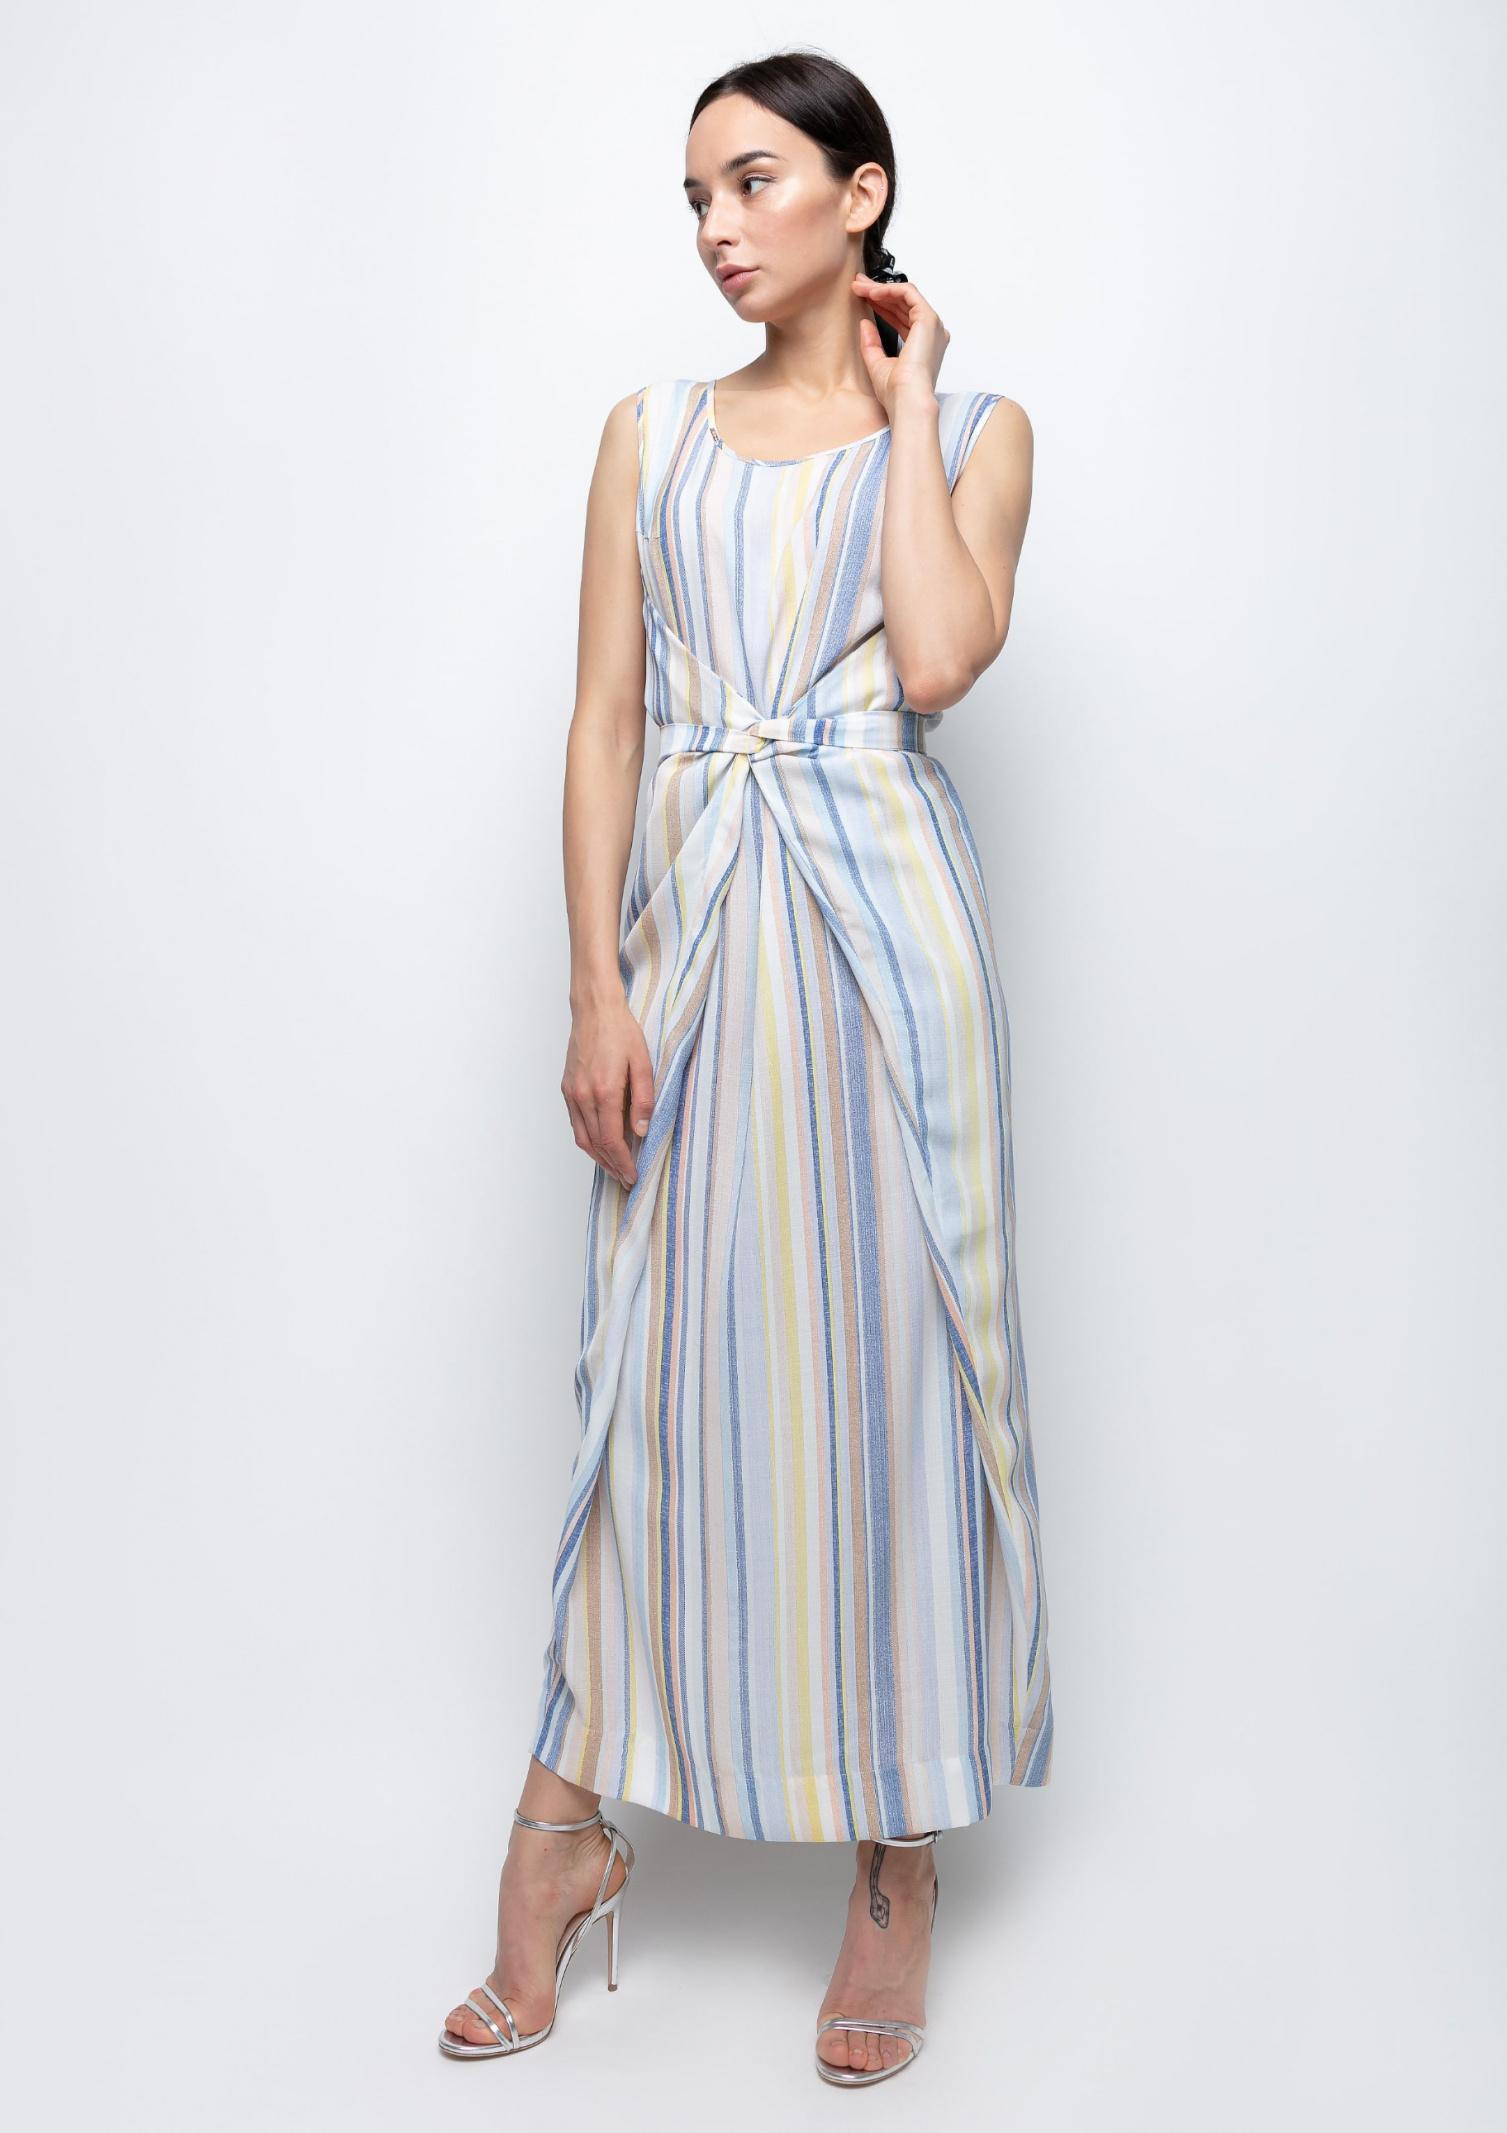 Samange Сукня жіночі модель 23DS_71 купити, 2017